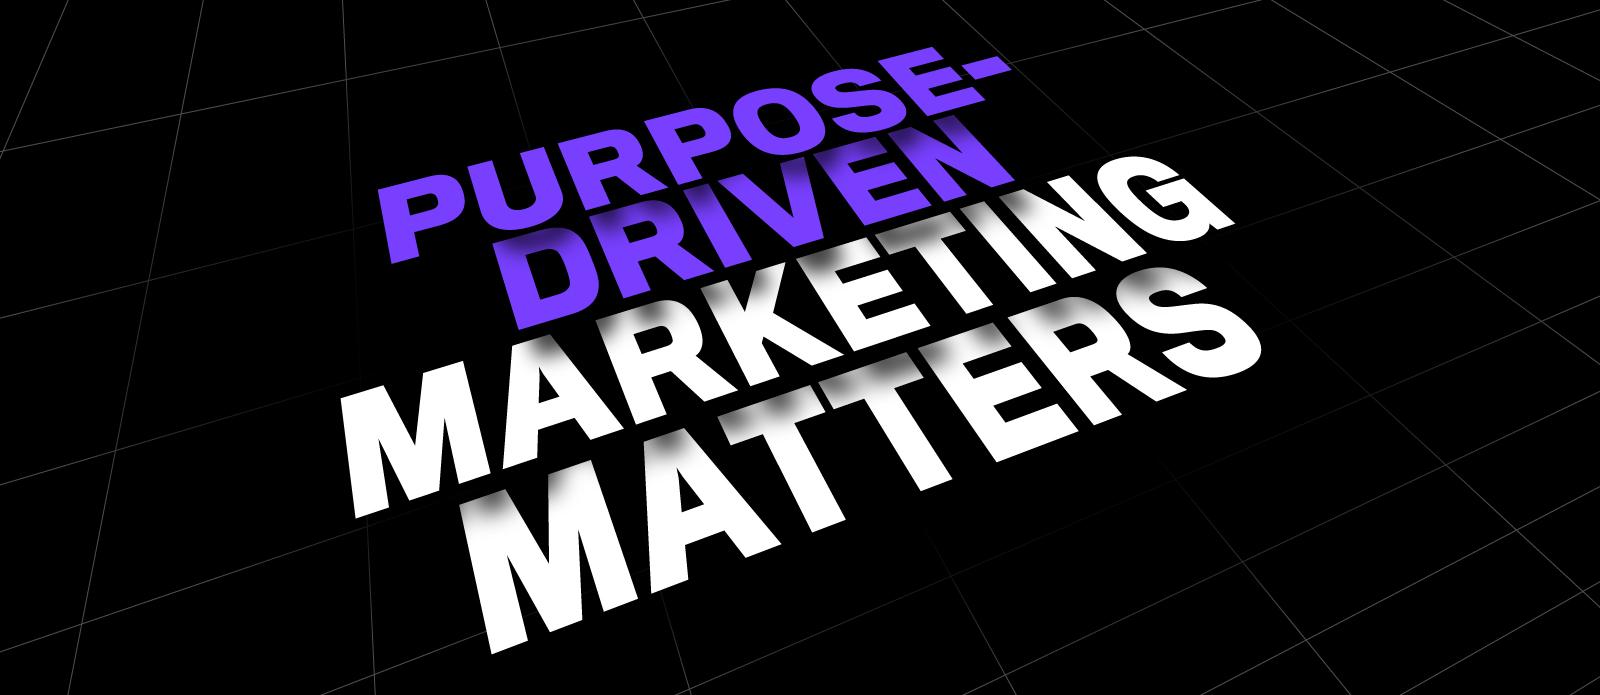 Purpose-Driven Marketing Matters